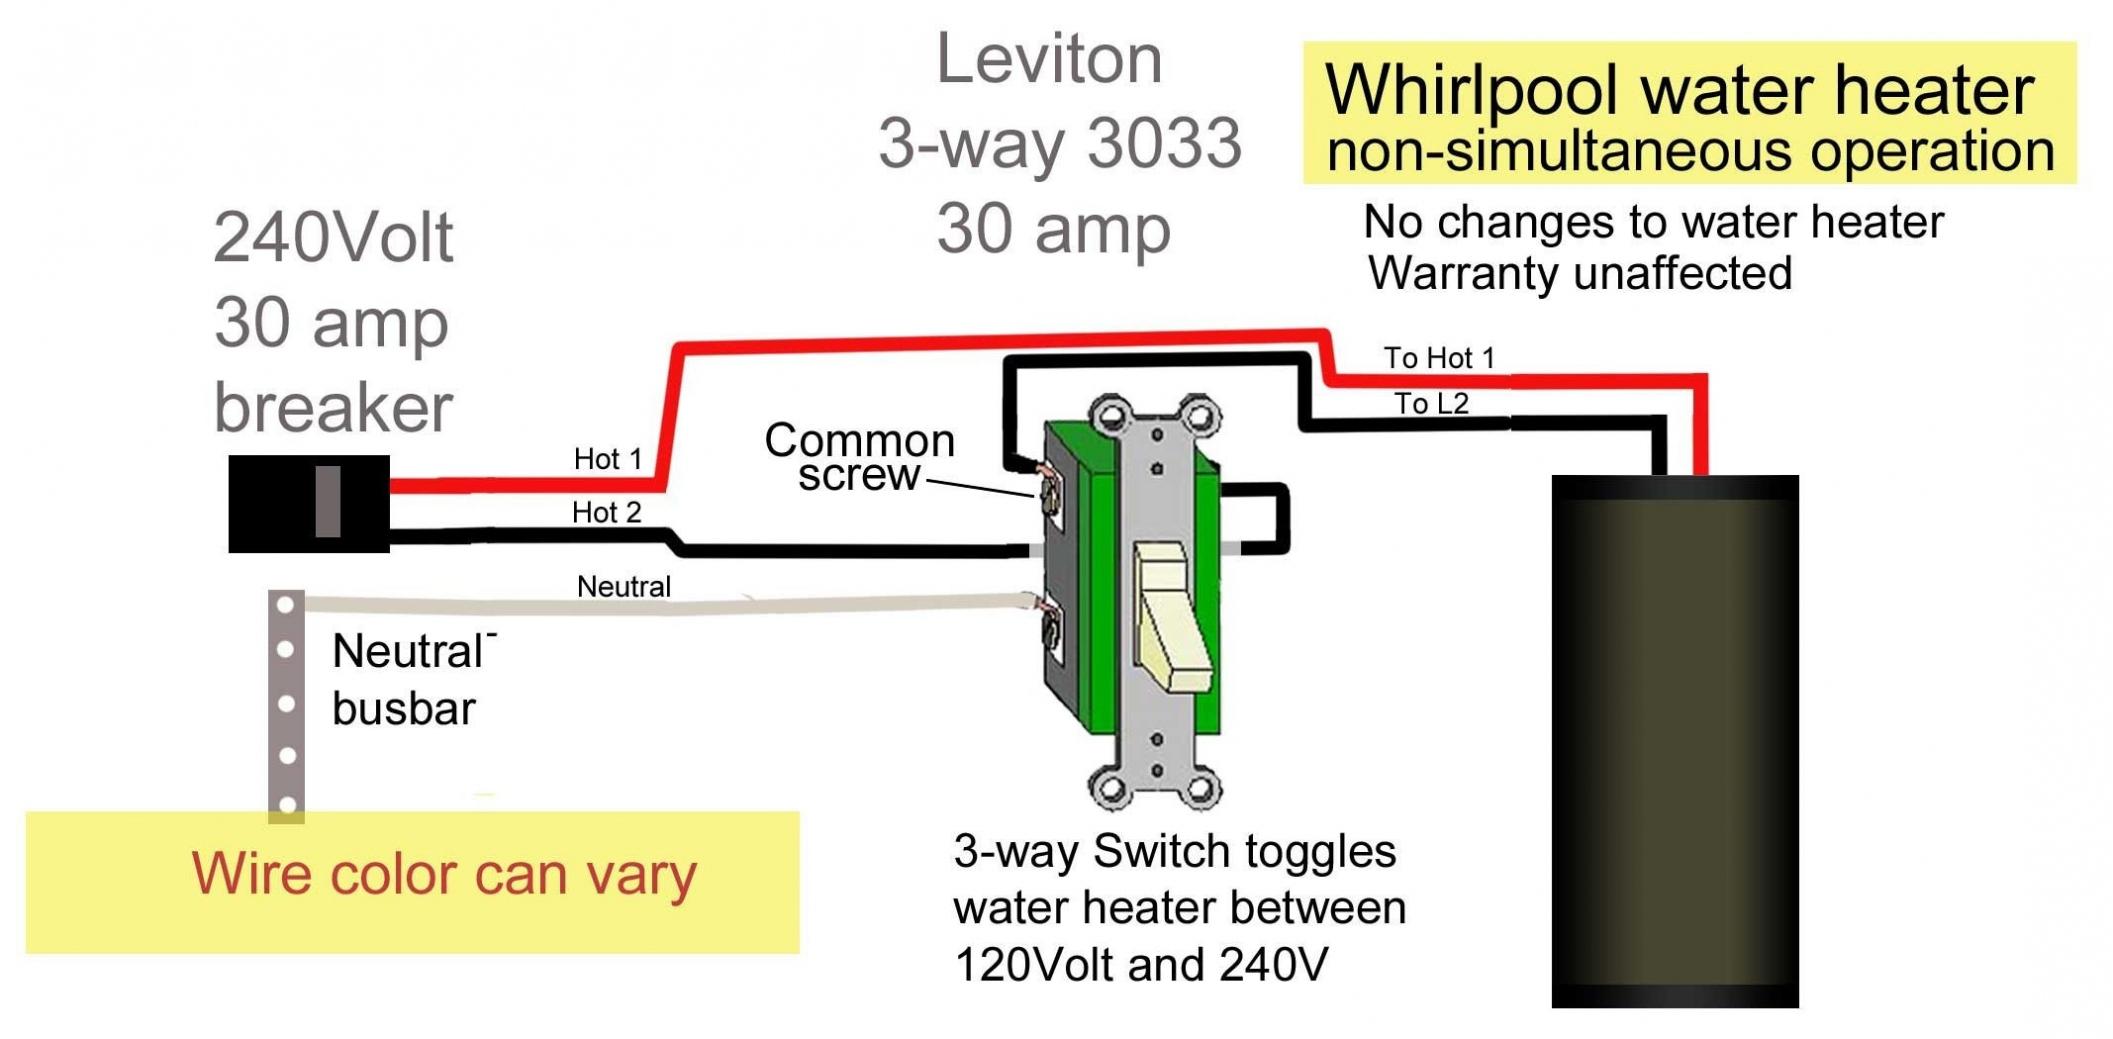 Lighted Rocker Switch Wiring Diagram 120V | Wiring Diagram - Lighted Rocker Switch Wiring Diagram 120V